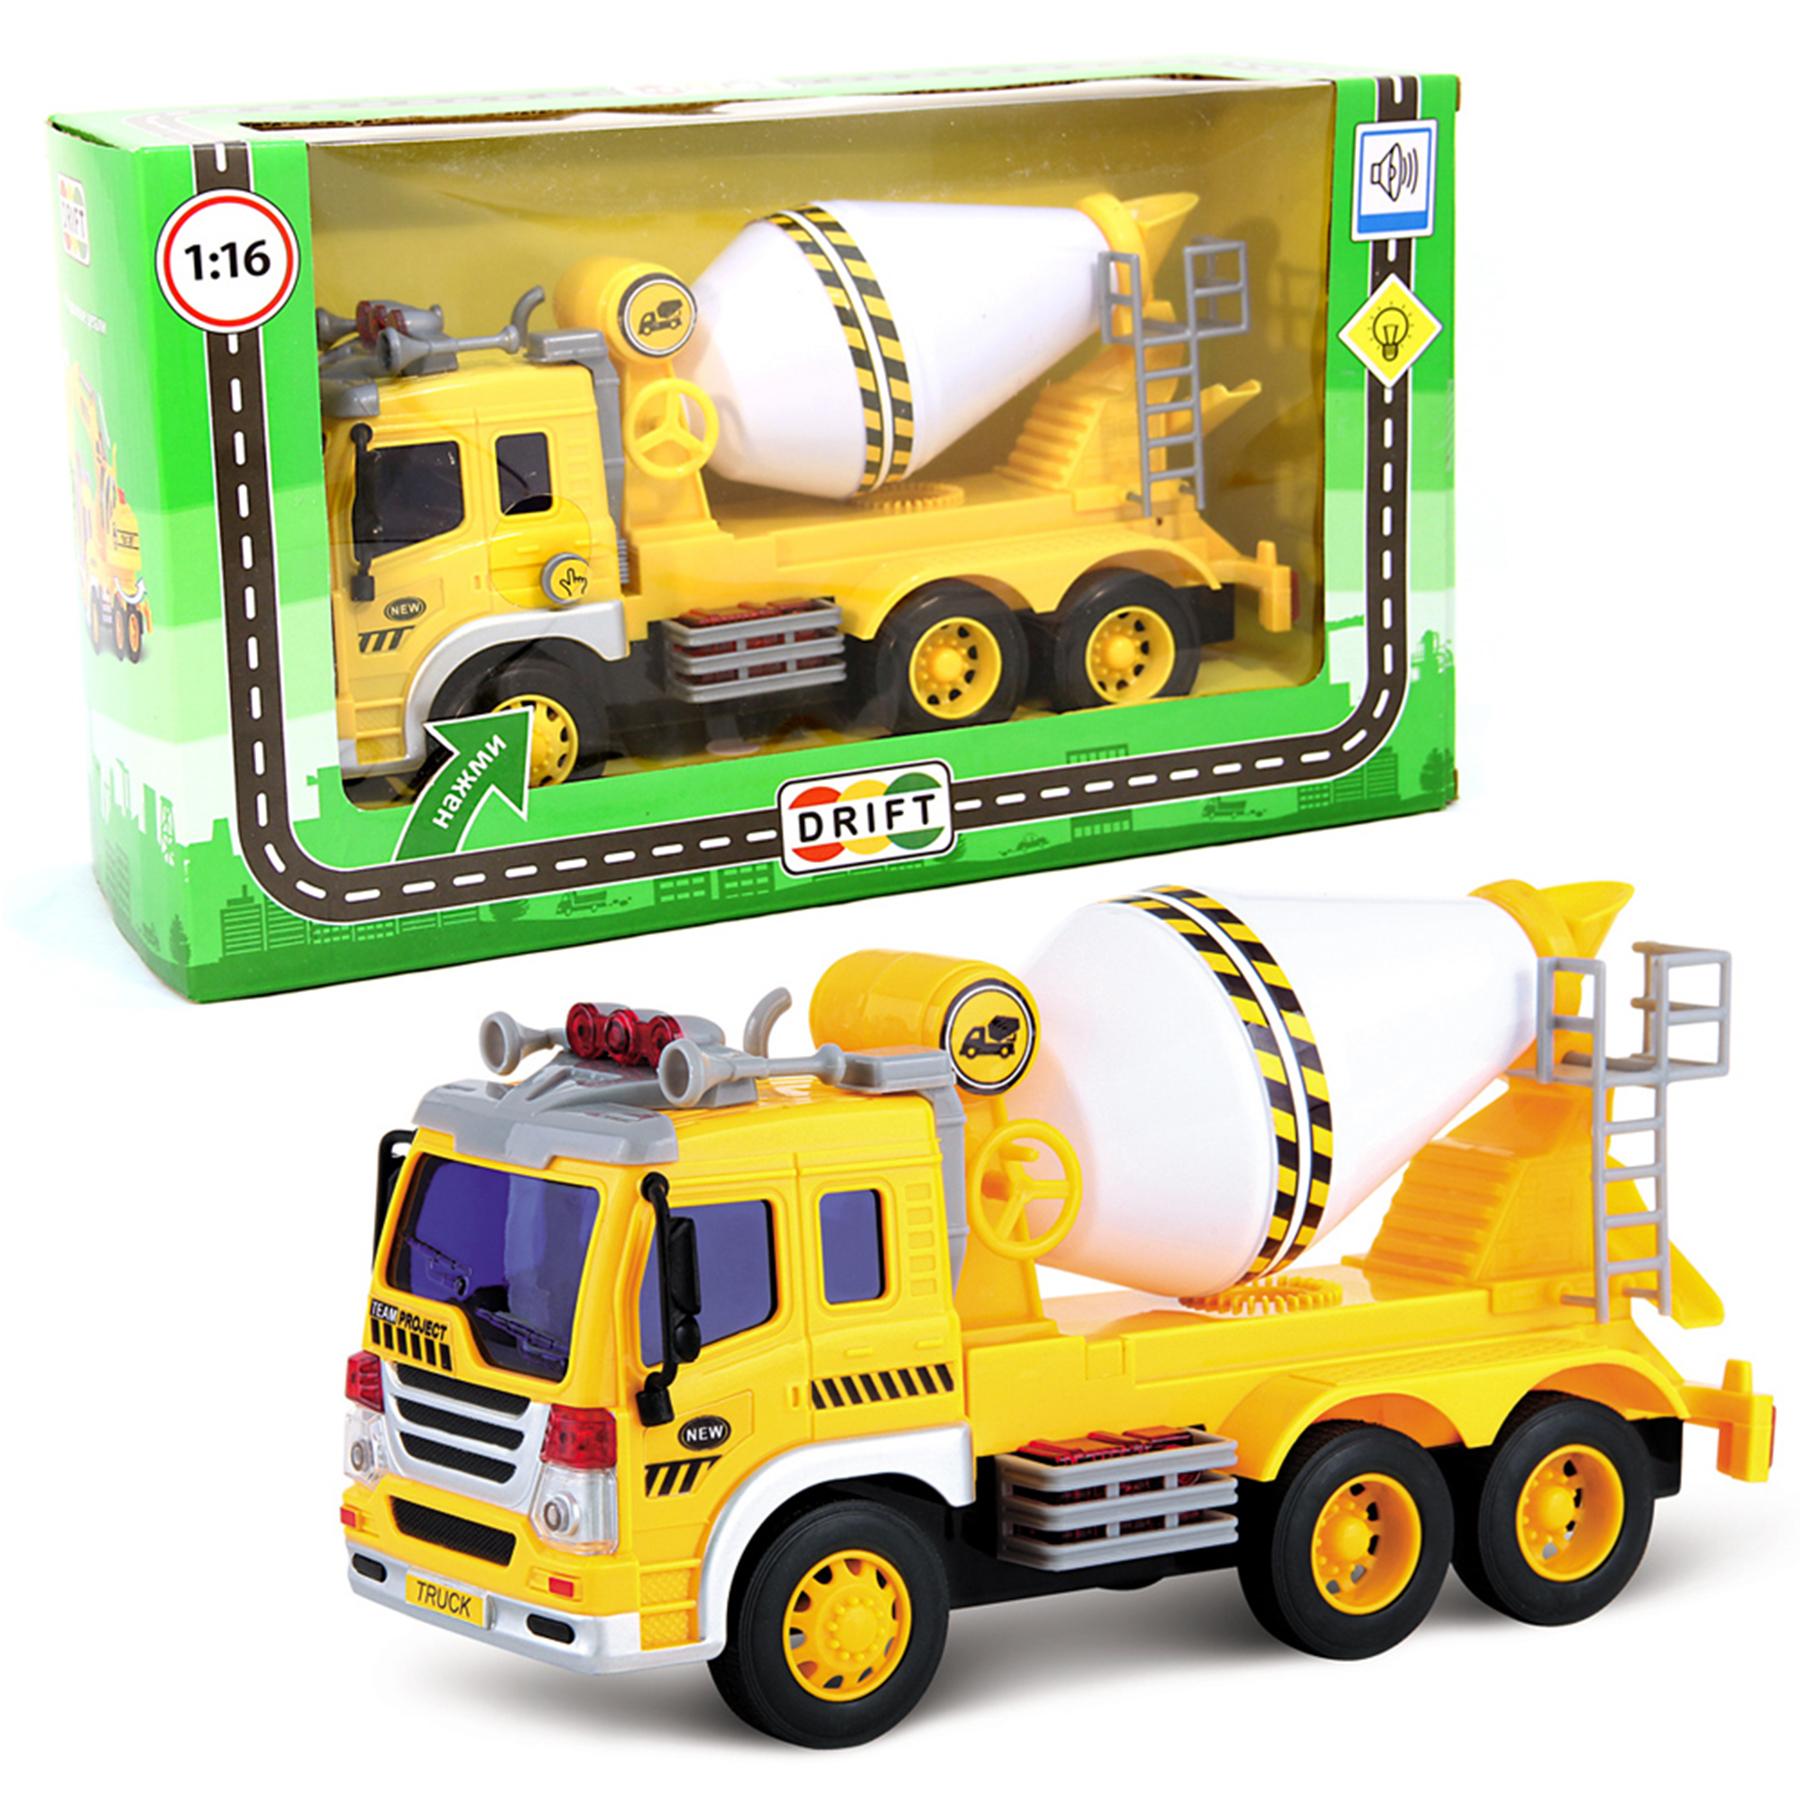 Машина р/у грузовик-бетономешалка, со св., 19,5*9,5*11 см, 47980